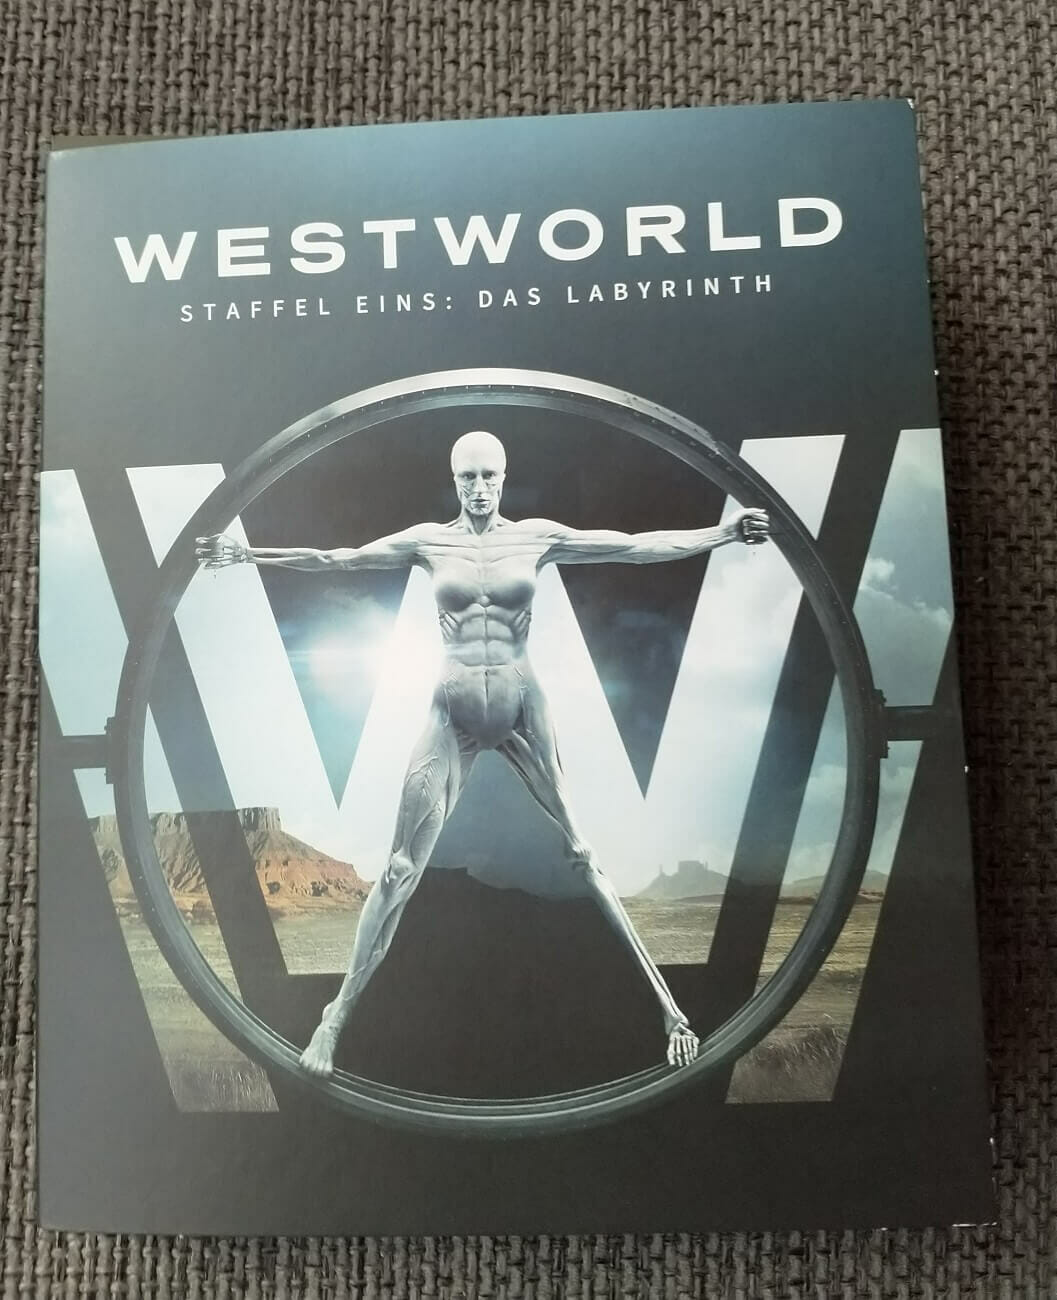 Westworld Staffel 1